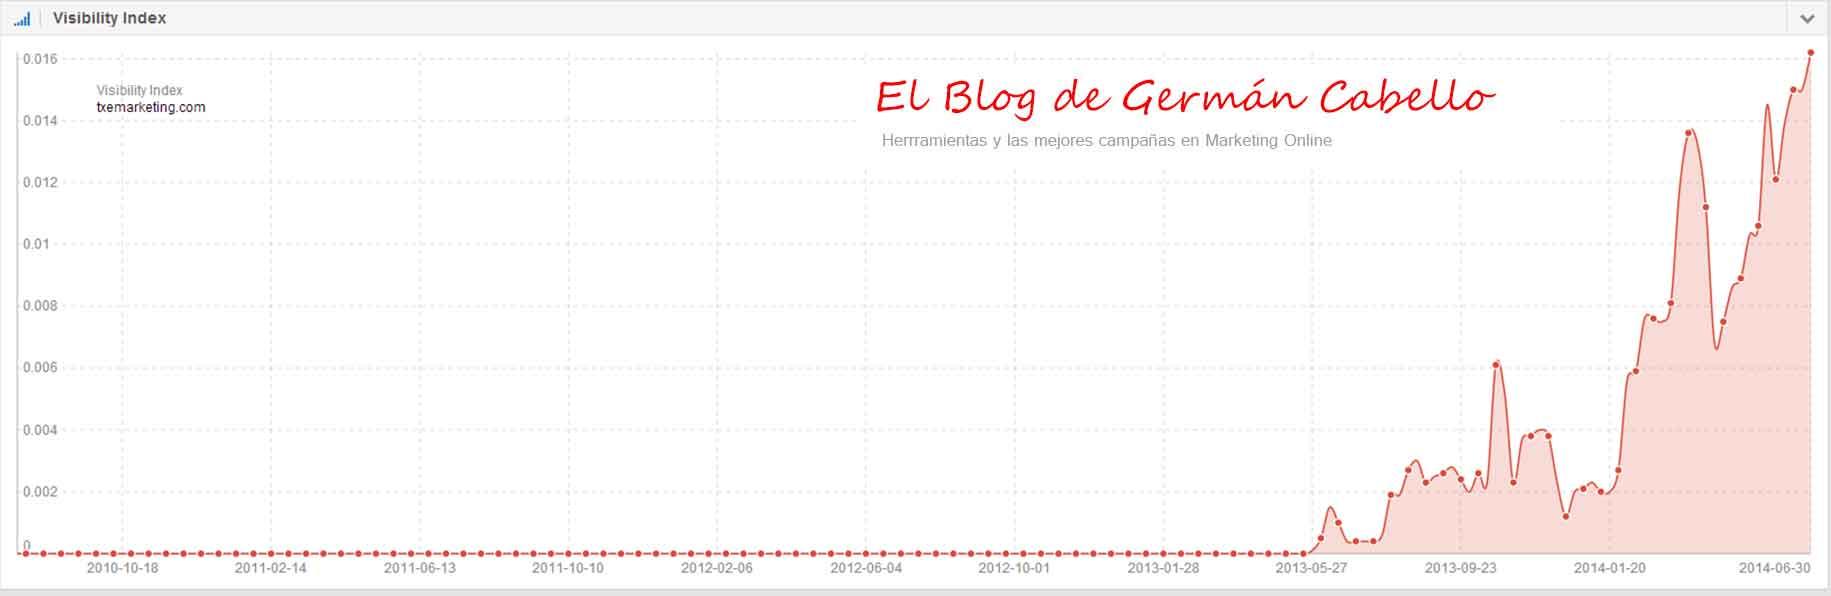 Visibilidad-txemarketing-en-Sistrix---El-blog-de-Germán-Cabello